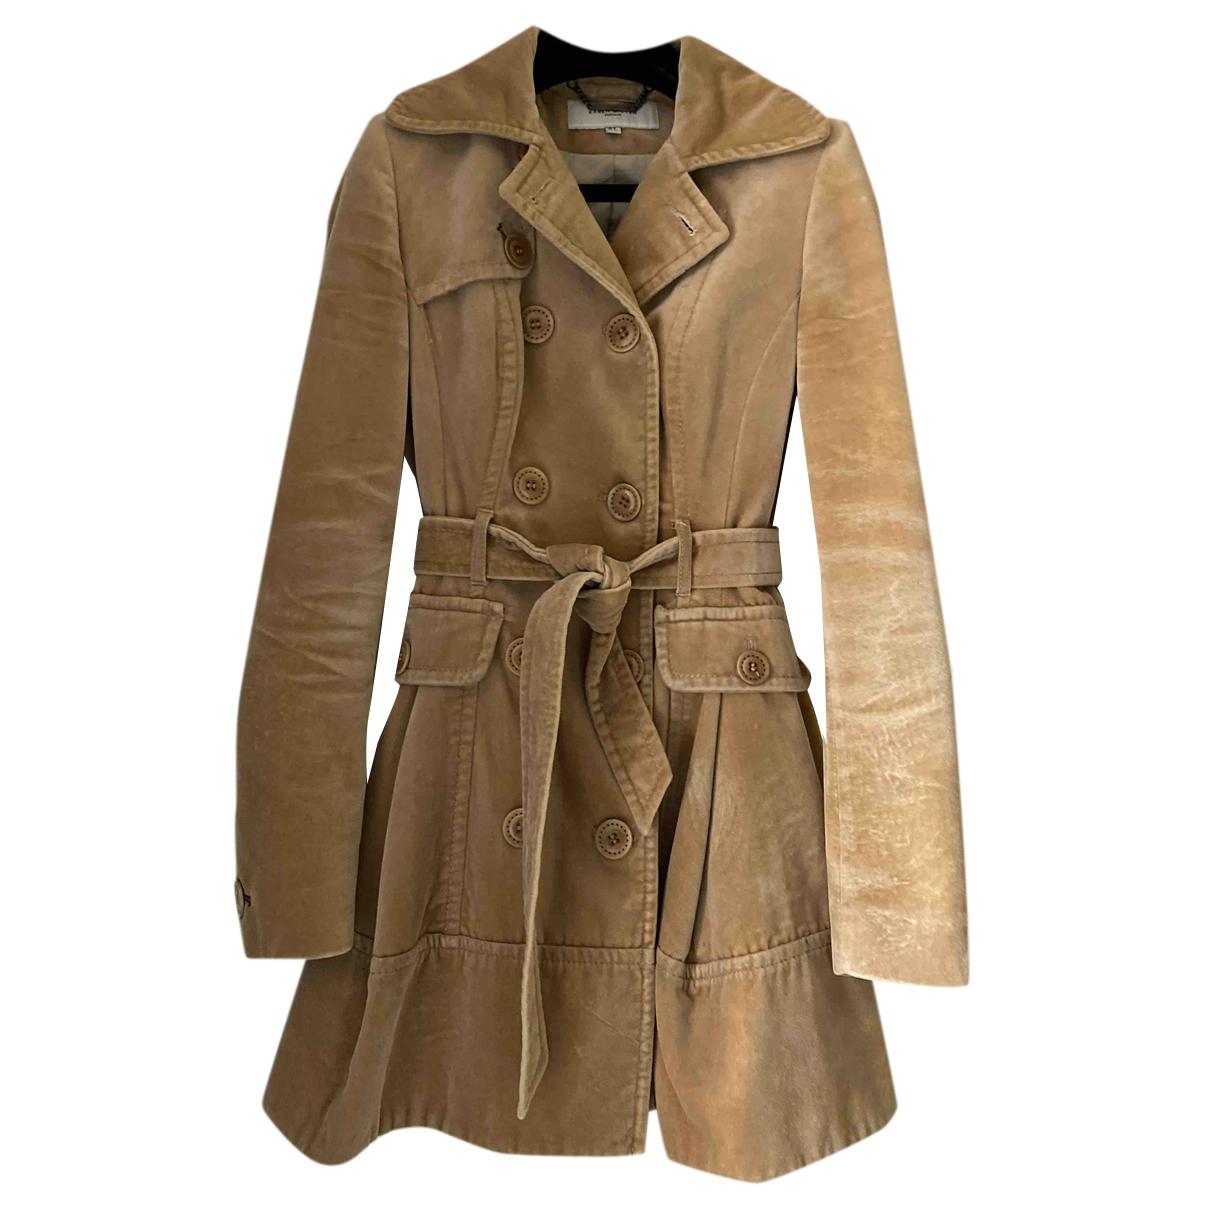 Karen Millen N Brown Cotton Trench coat for Women 8 UK